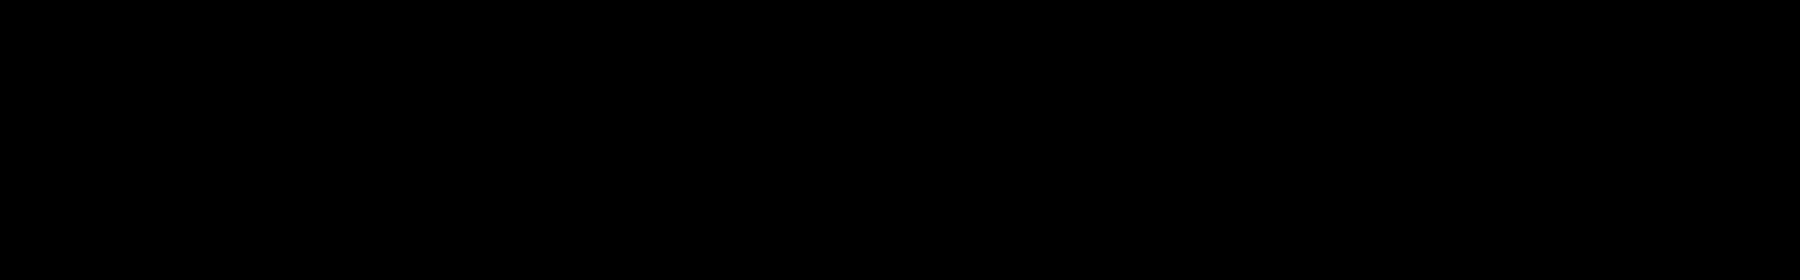 Ambient Loops by AK audio waveform